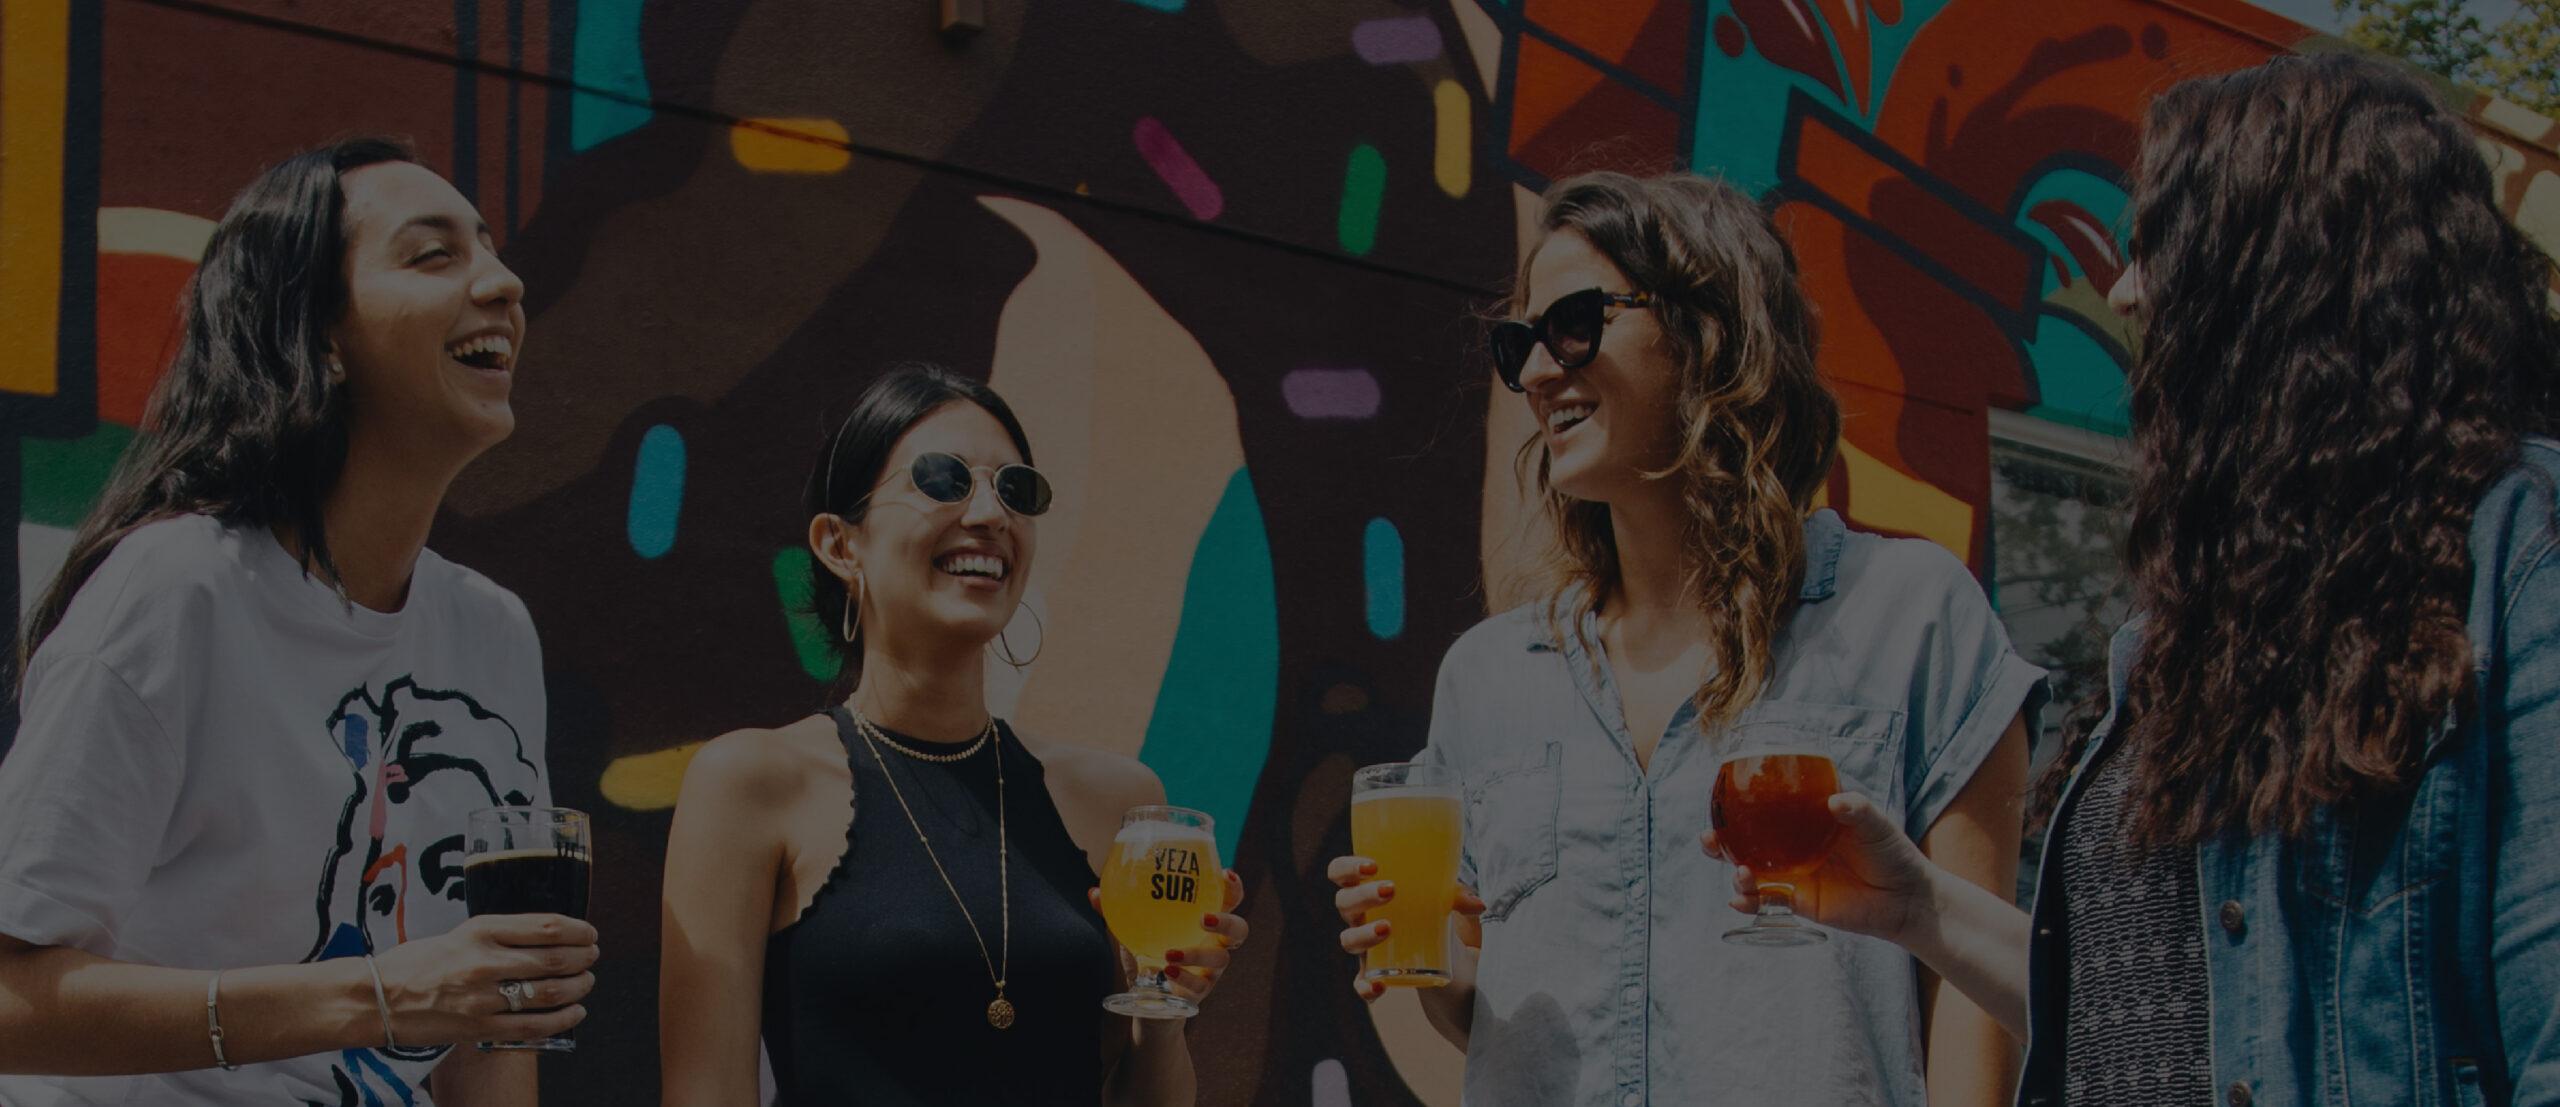 Beer event BARC blog